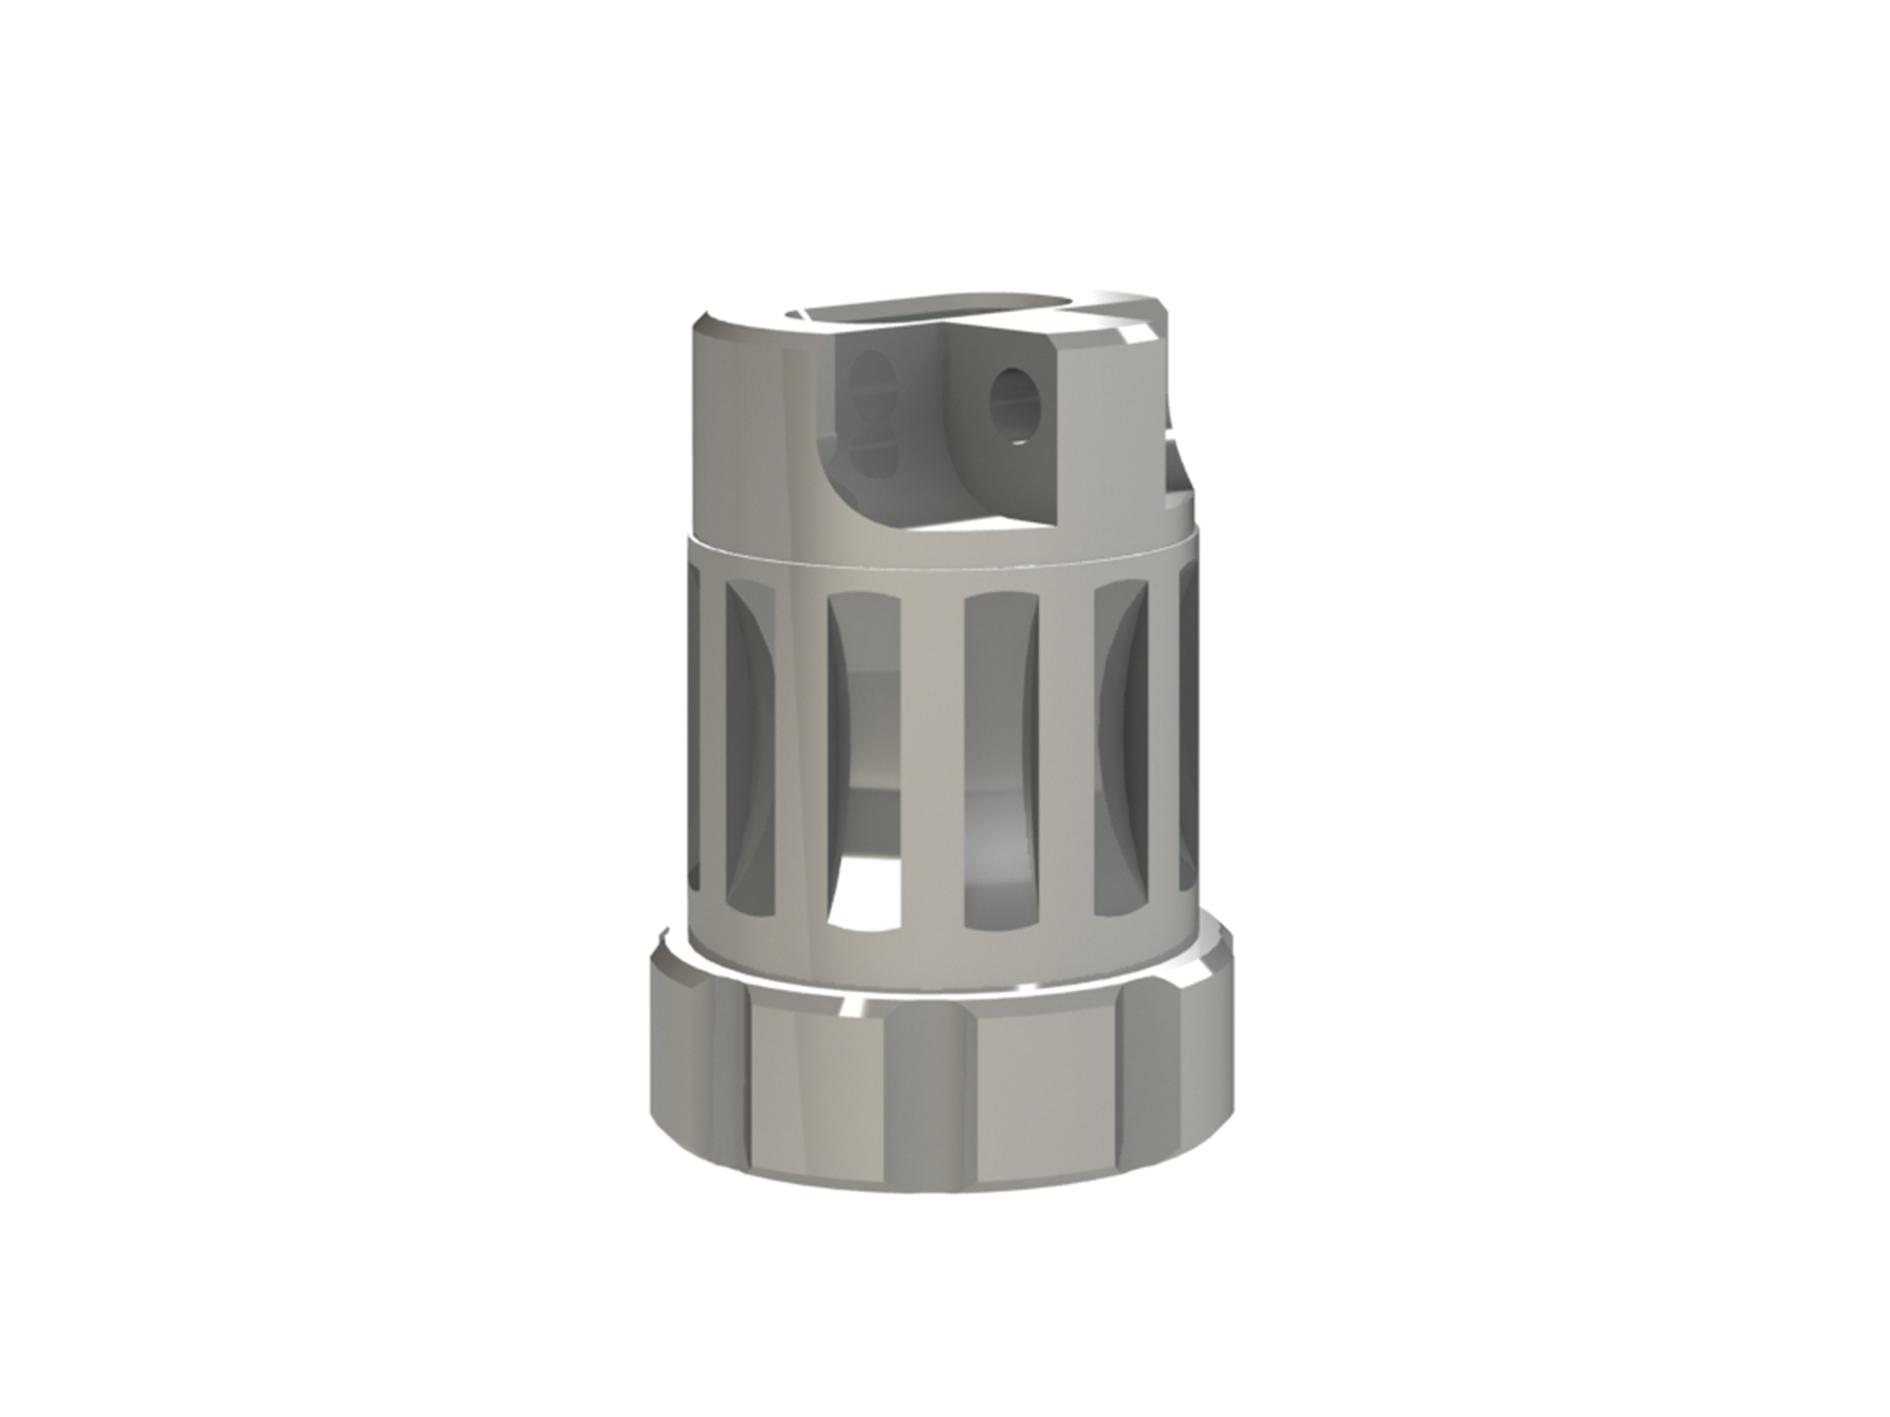 Adapter Dentalanschluss* auf Ratsche Straumann® ( Ø 7 )   Art.-Nr. 31.035.70.11  Dental ISO* auf Ø 7  Preis  26€